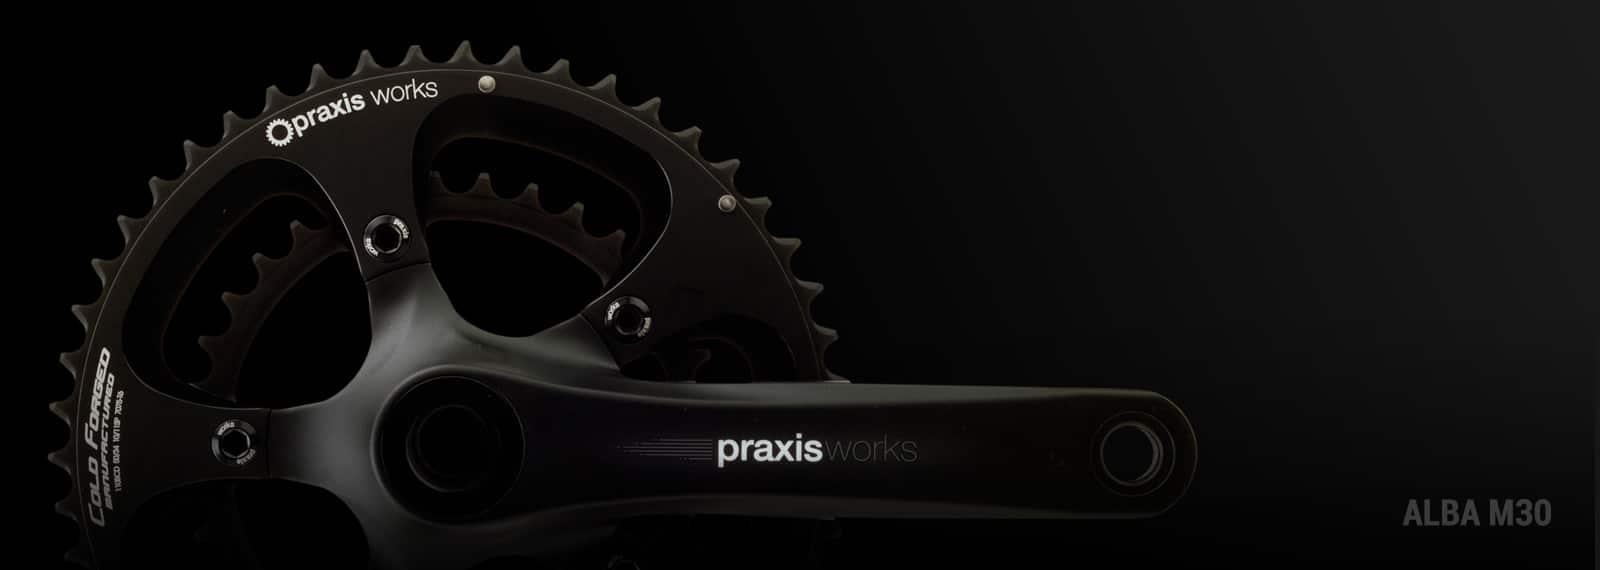 praxis_Cranks_1600px-01